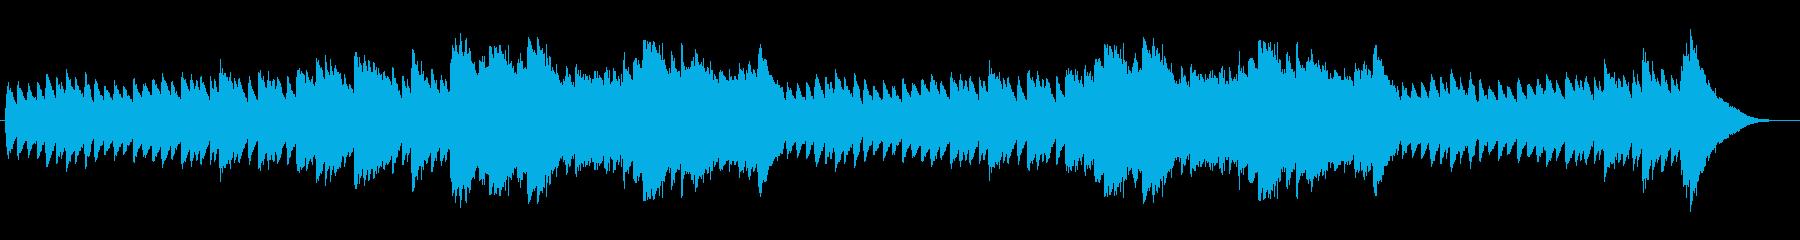 アップテッポで悲しい音楽の再生済みの波形